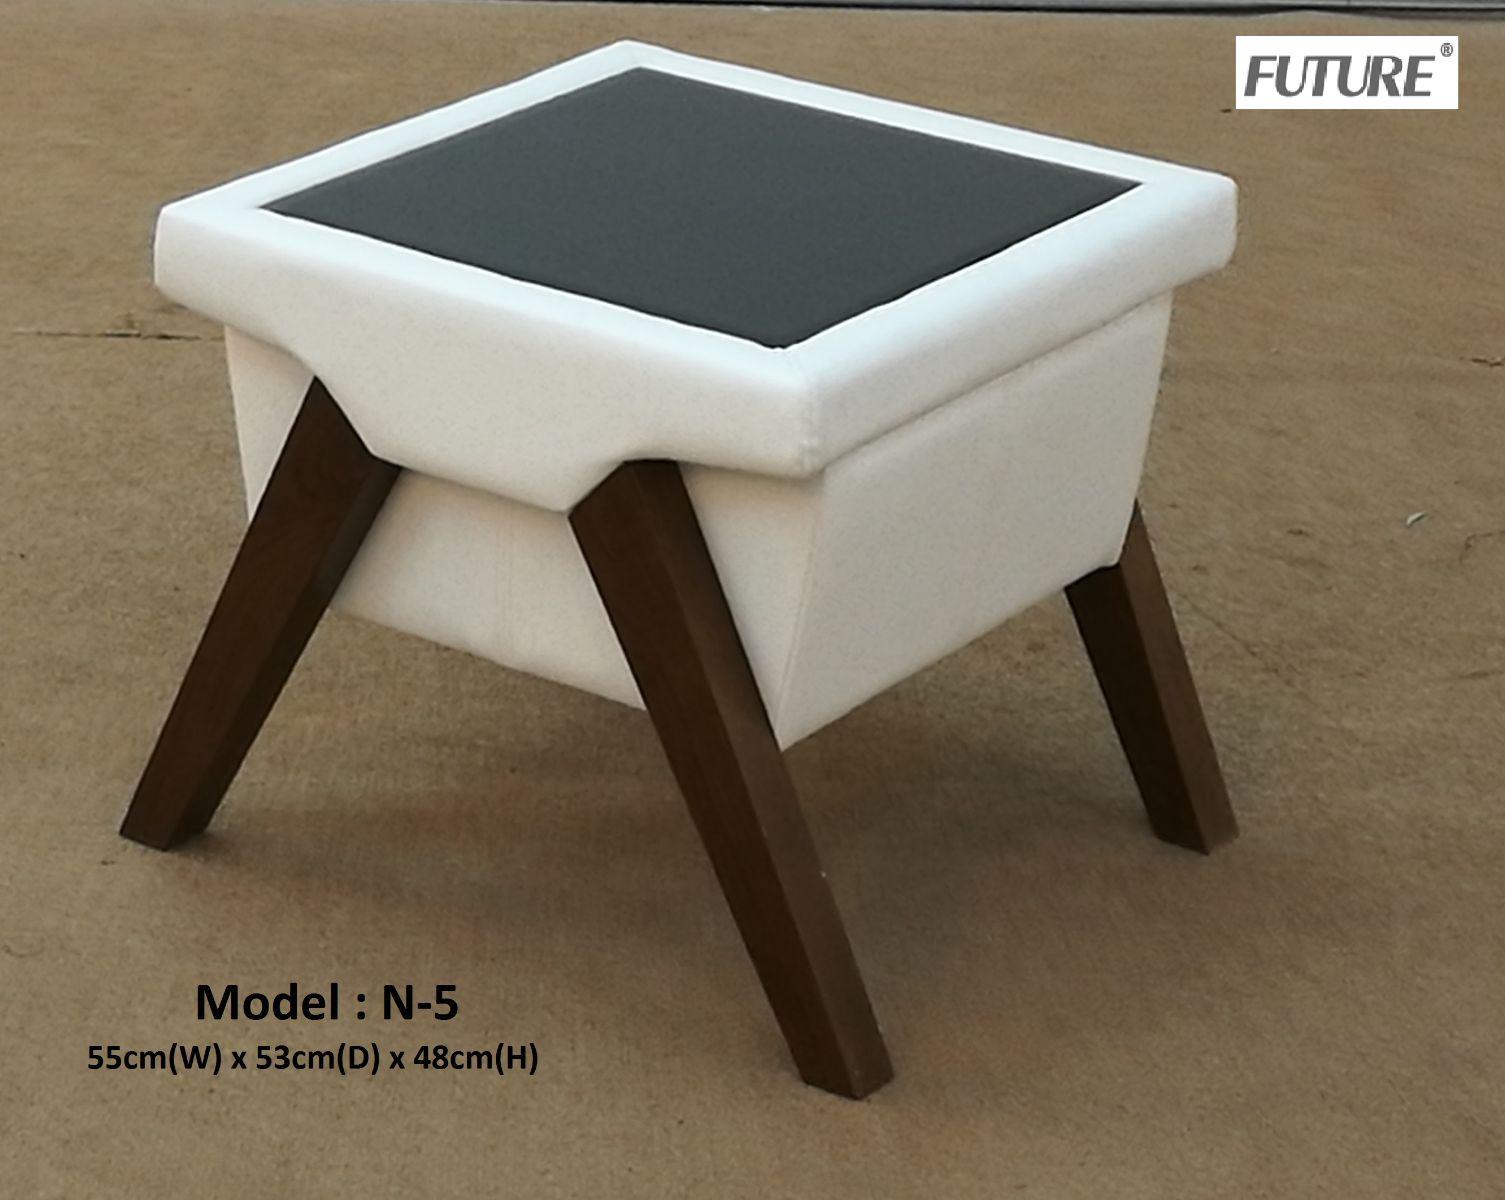 BÀN SOFA DA BÒ - FUTURE MODEL N-5